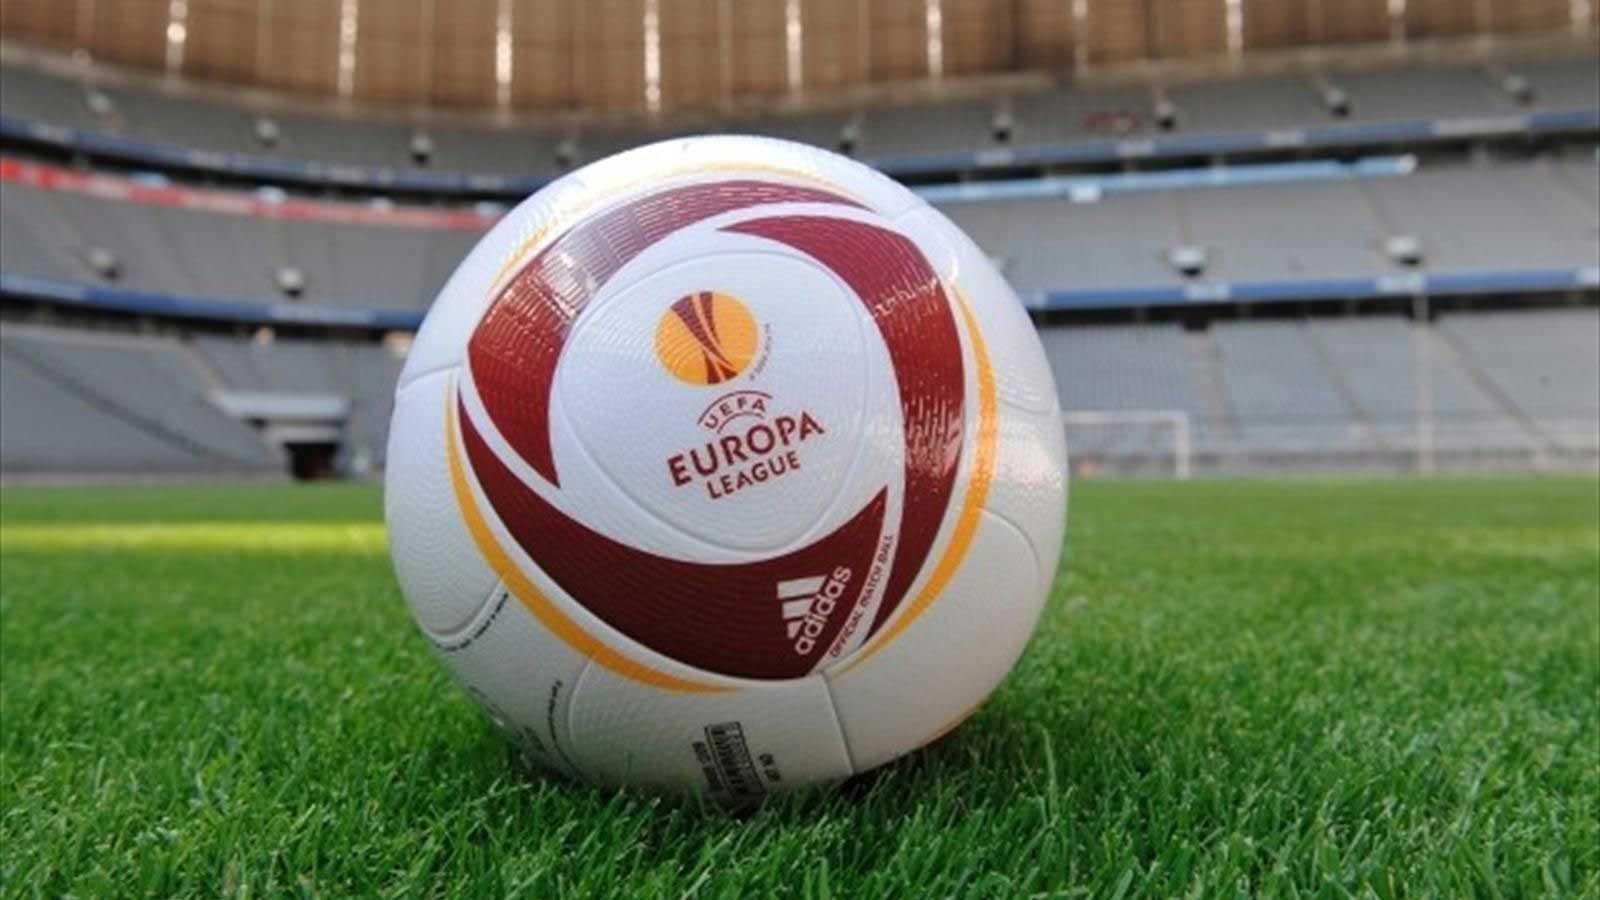 ADIDAS UEFA EUROPA LEAGUE (2010 / 2011)